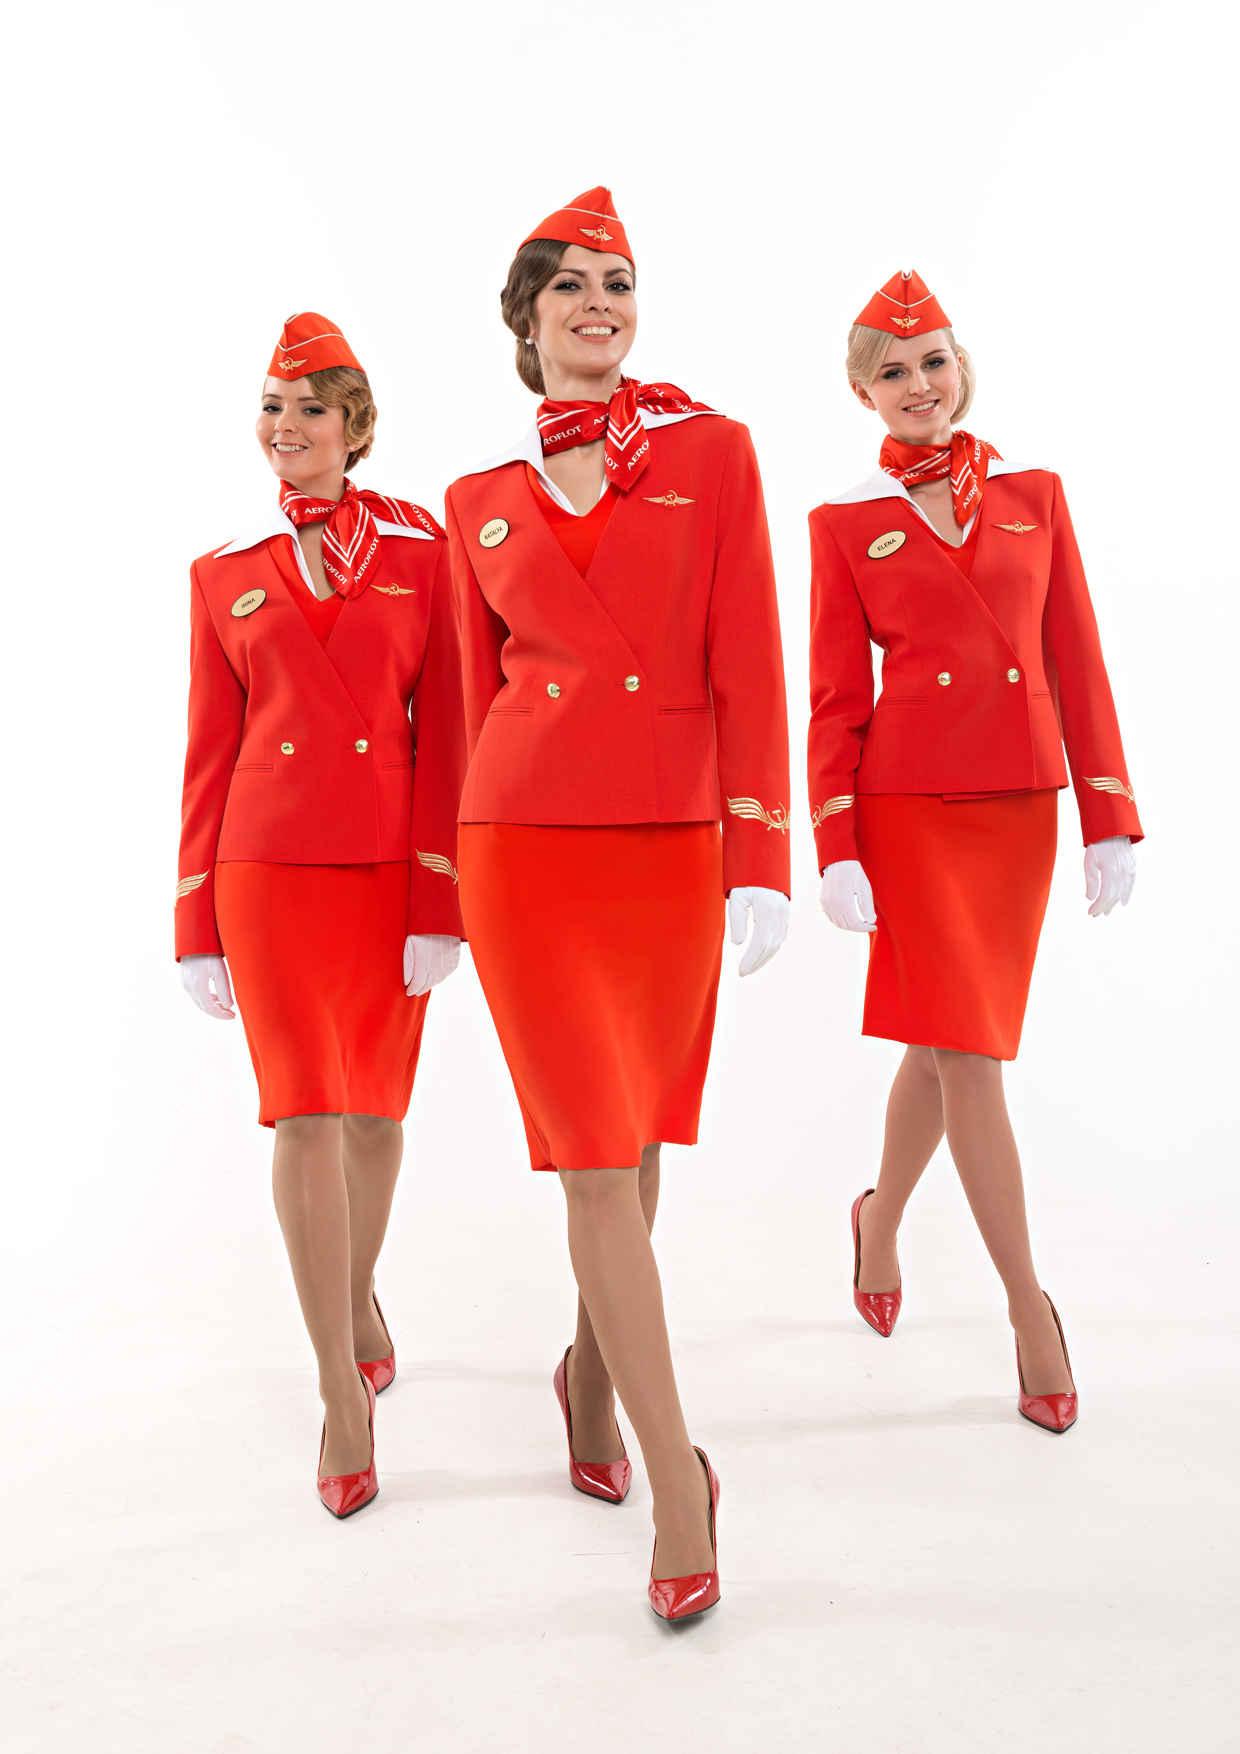 hôtesse_de_lair_uniformes (8)